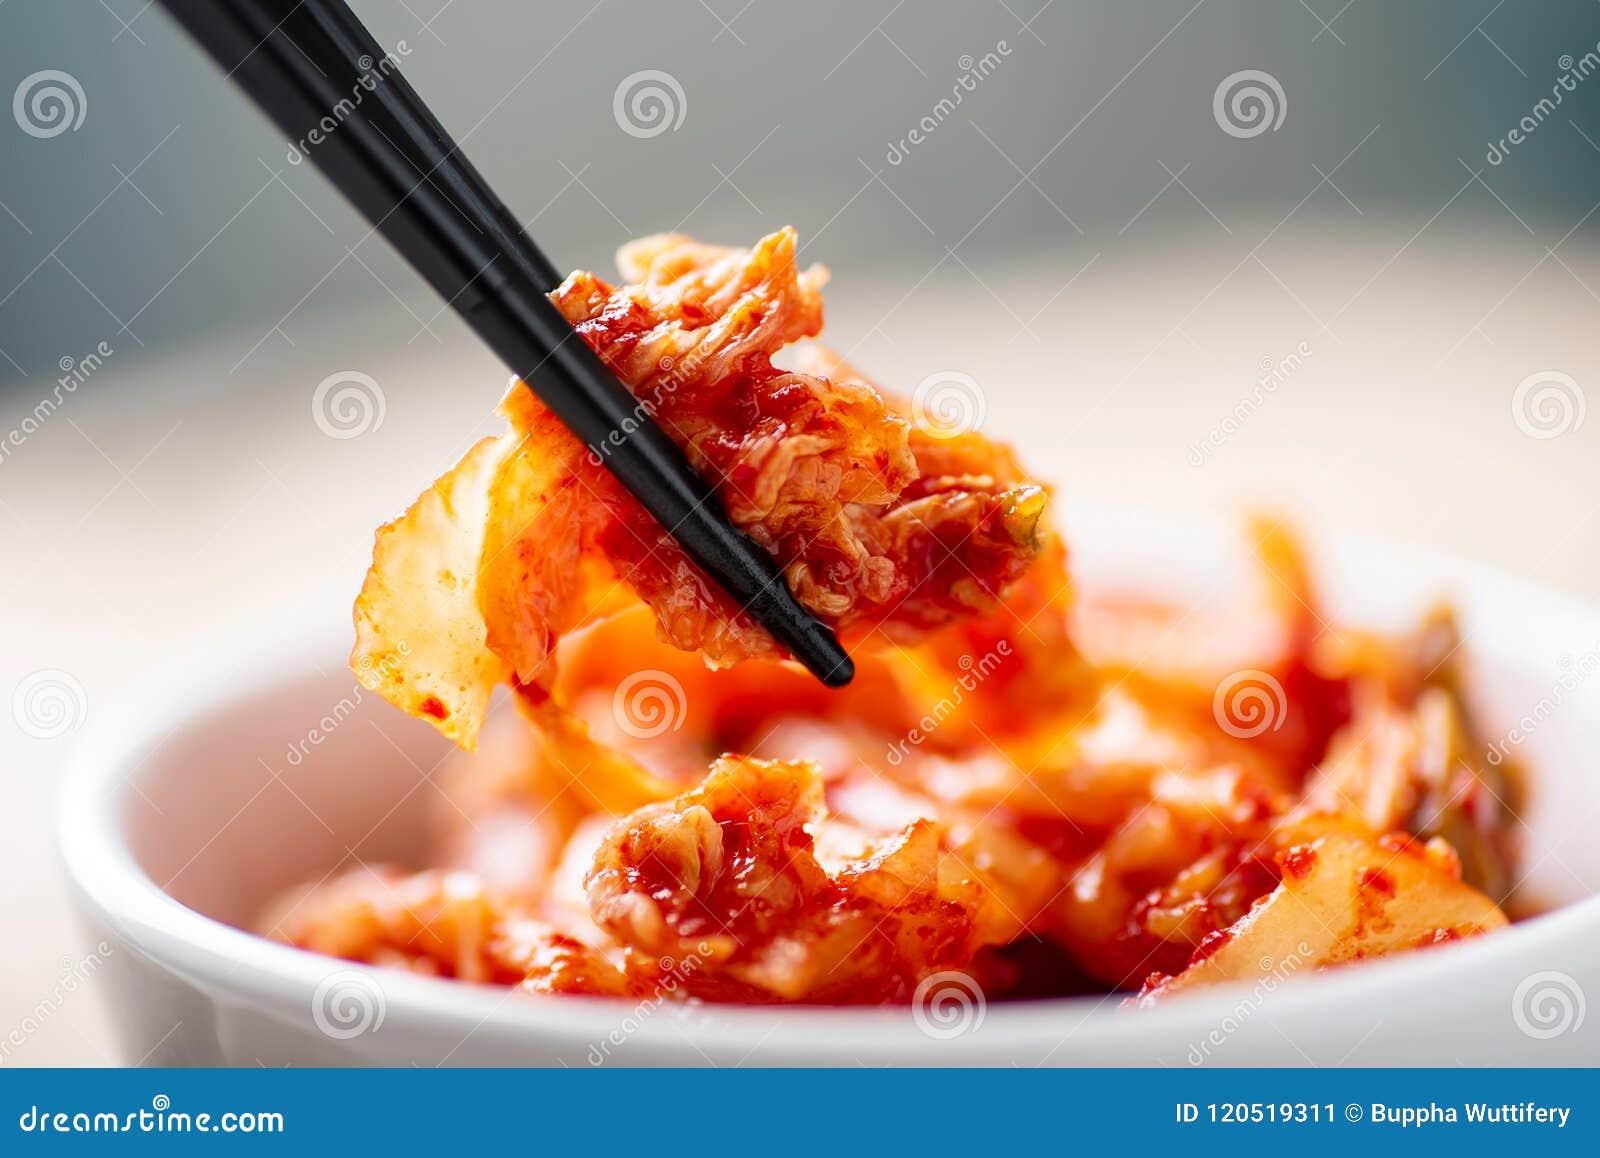 De eetstokjes van de handholding voor het eten van kimchikool